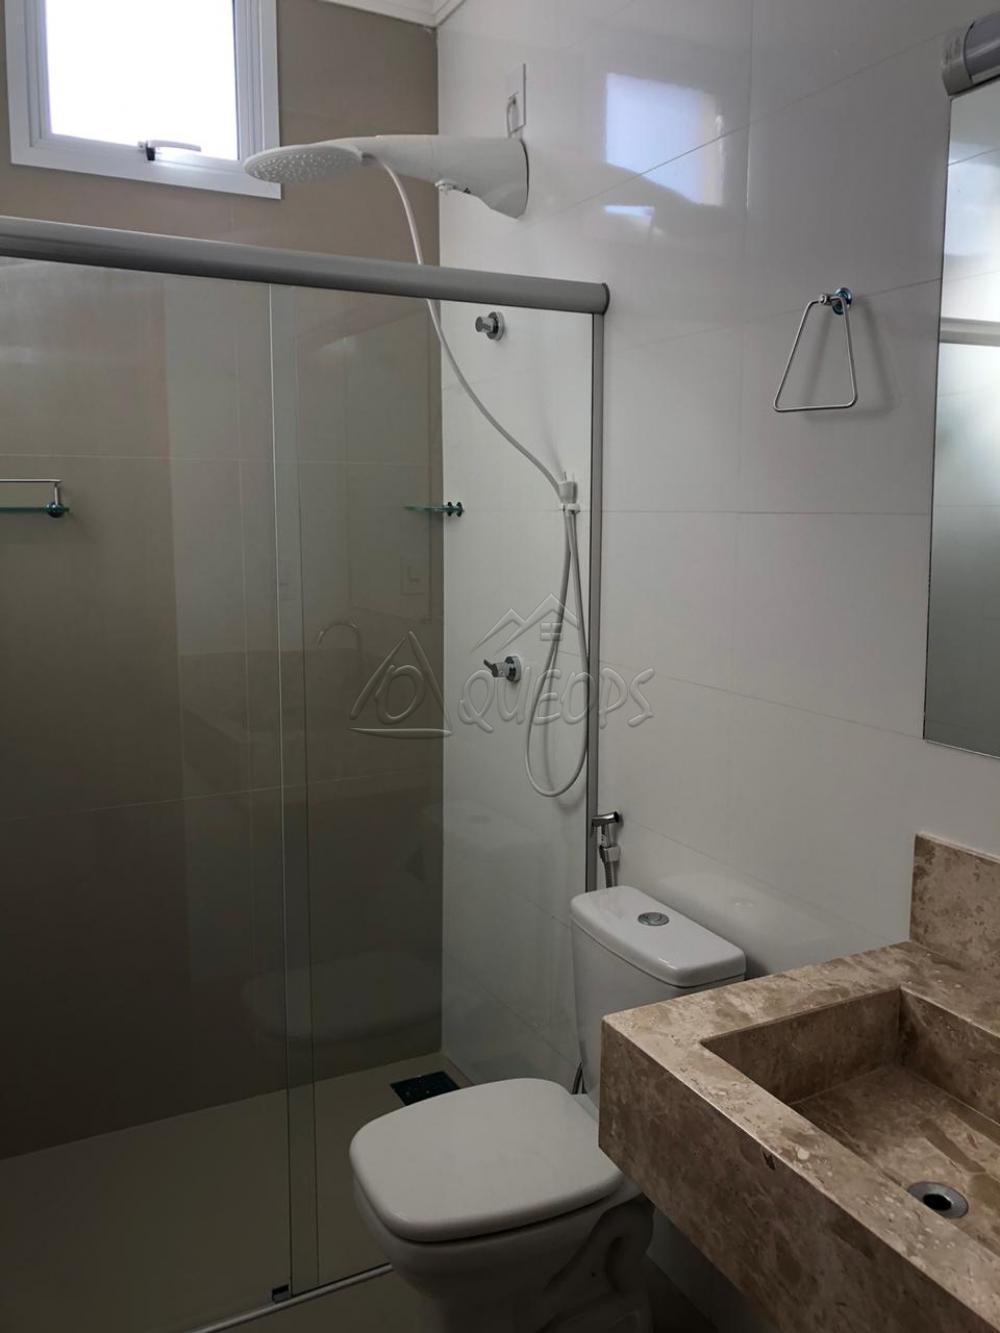 Alugar Apartamento / Padrão em Barretos apenas R$ 2.500,00 - Foto 8